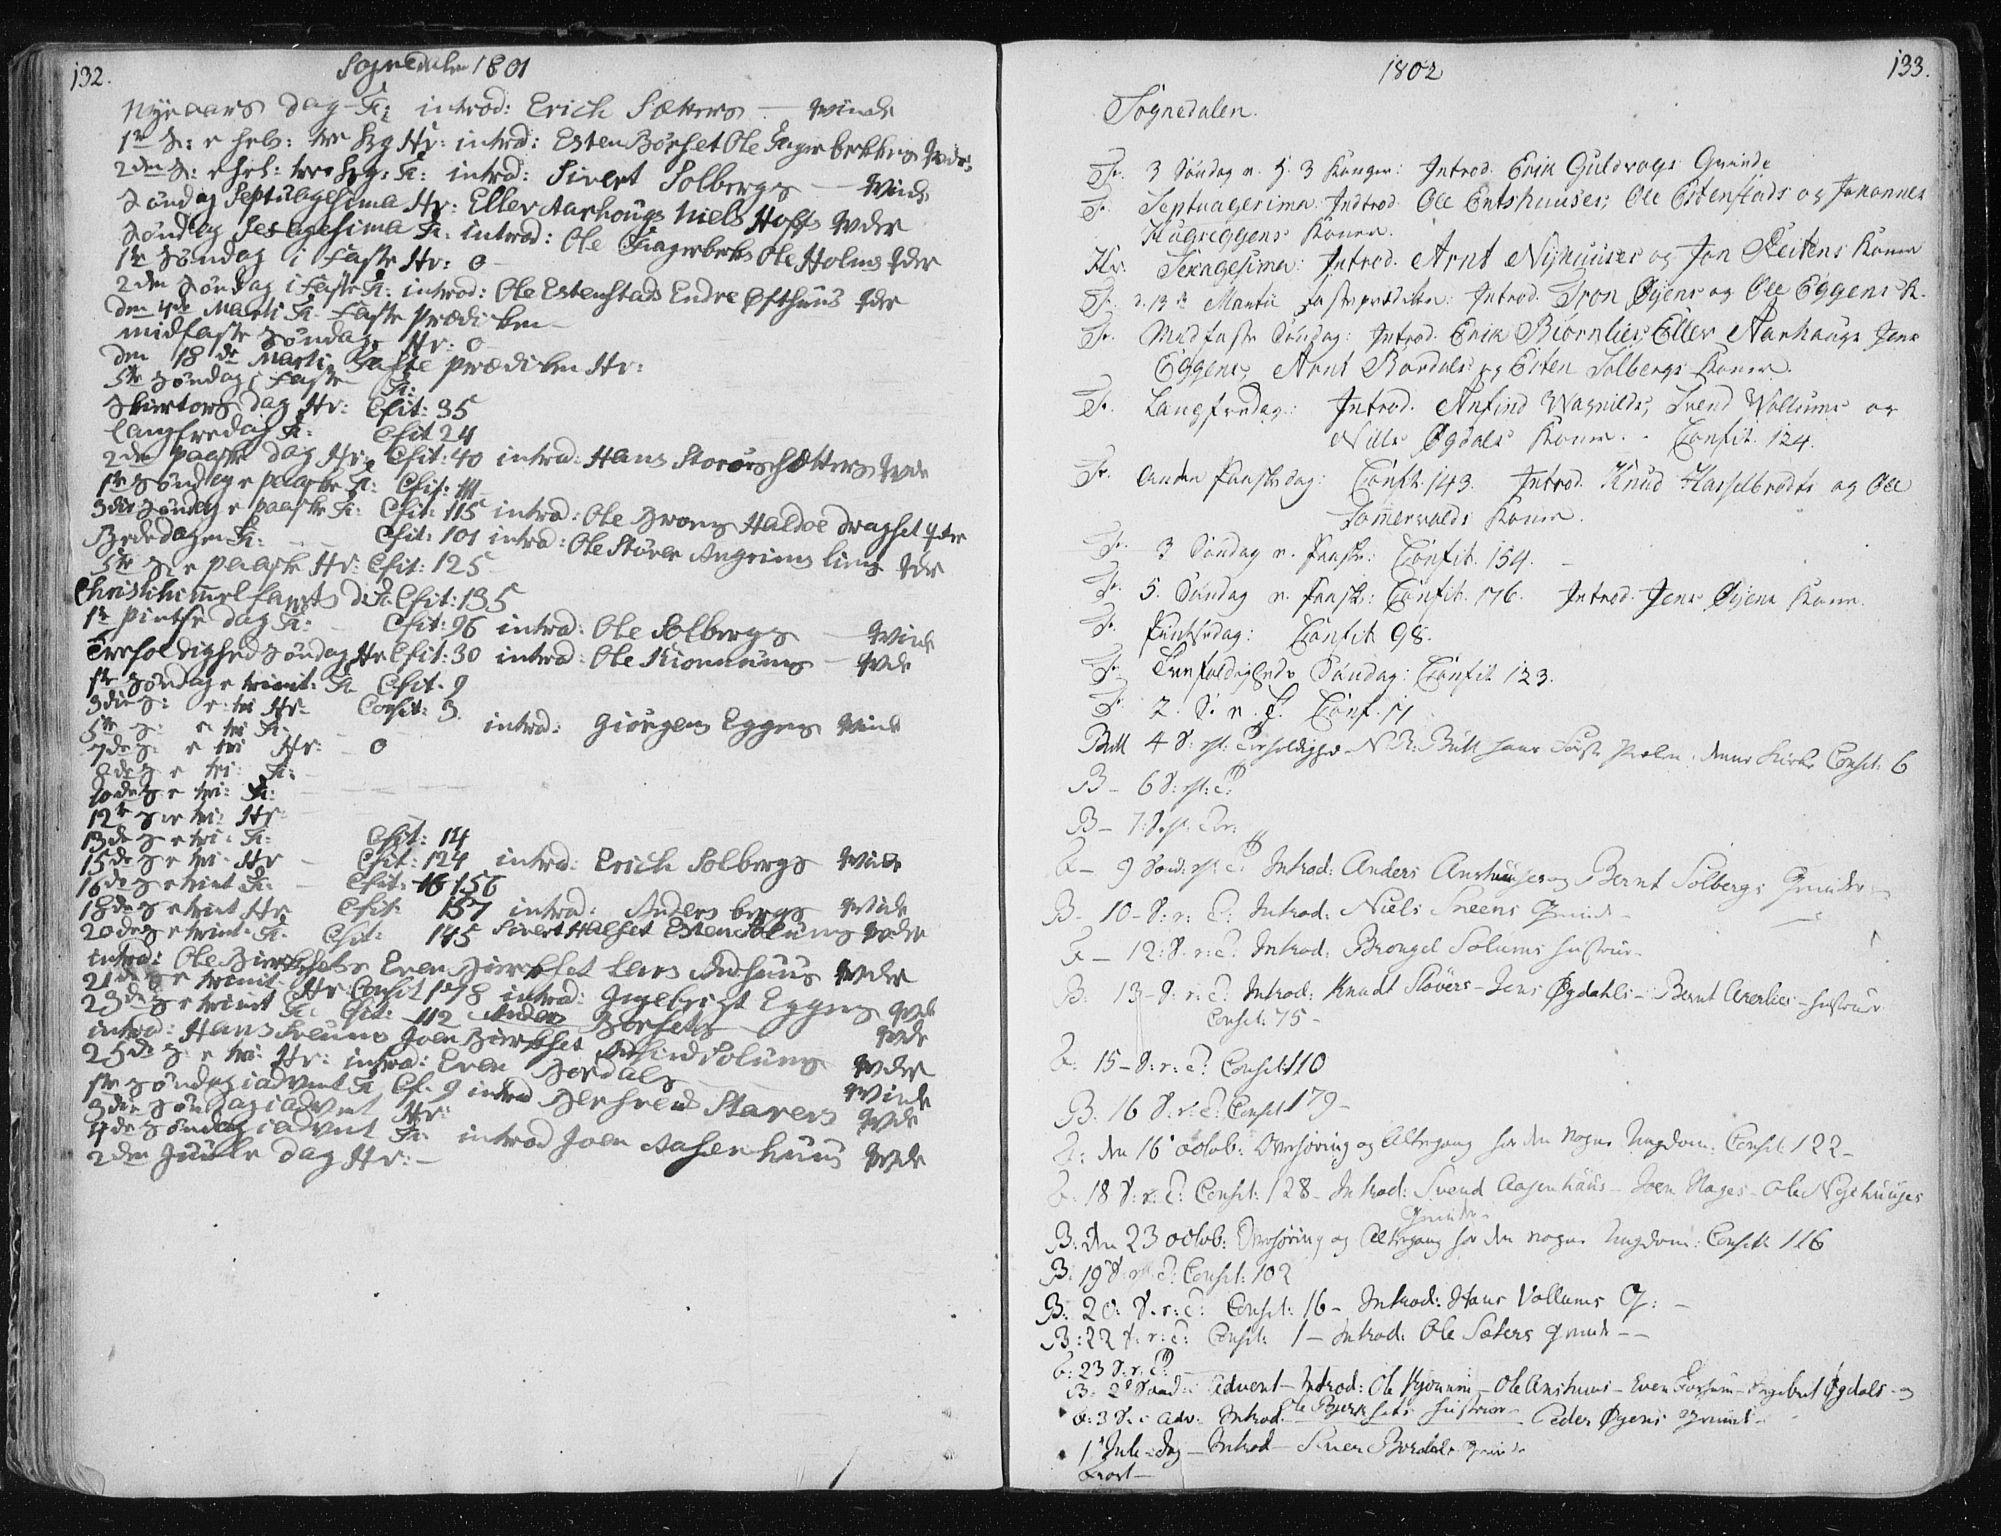 SAT, Ministerialprotokoller, klokkerbøker og fødselsregistre - Sør-Trøndelag, 687/L0994: Ministerialbok nr. 687A03 /3, 1788-1815, s. 132-133